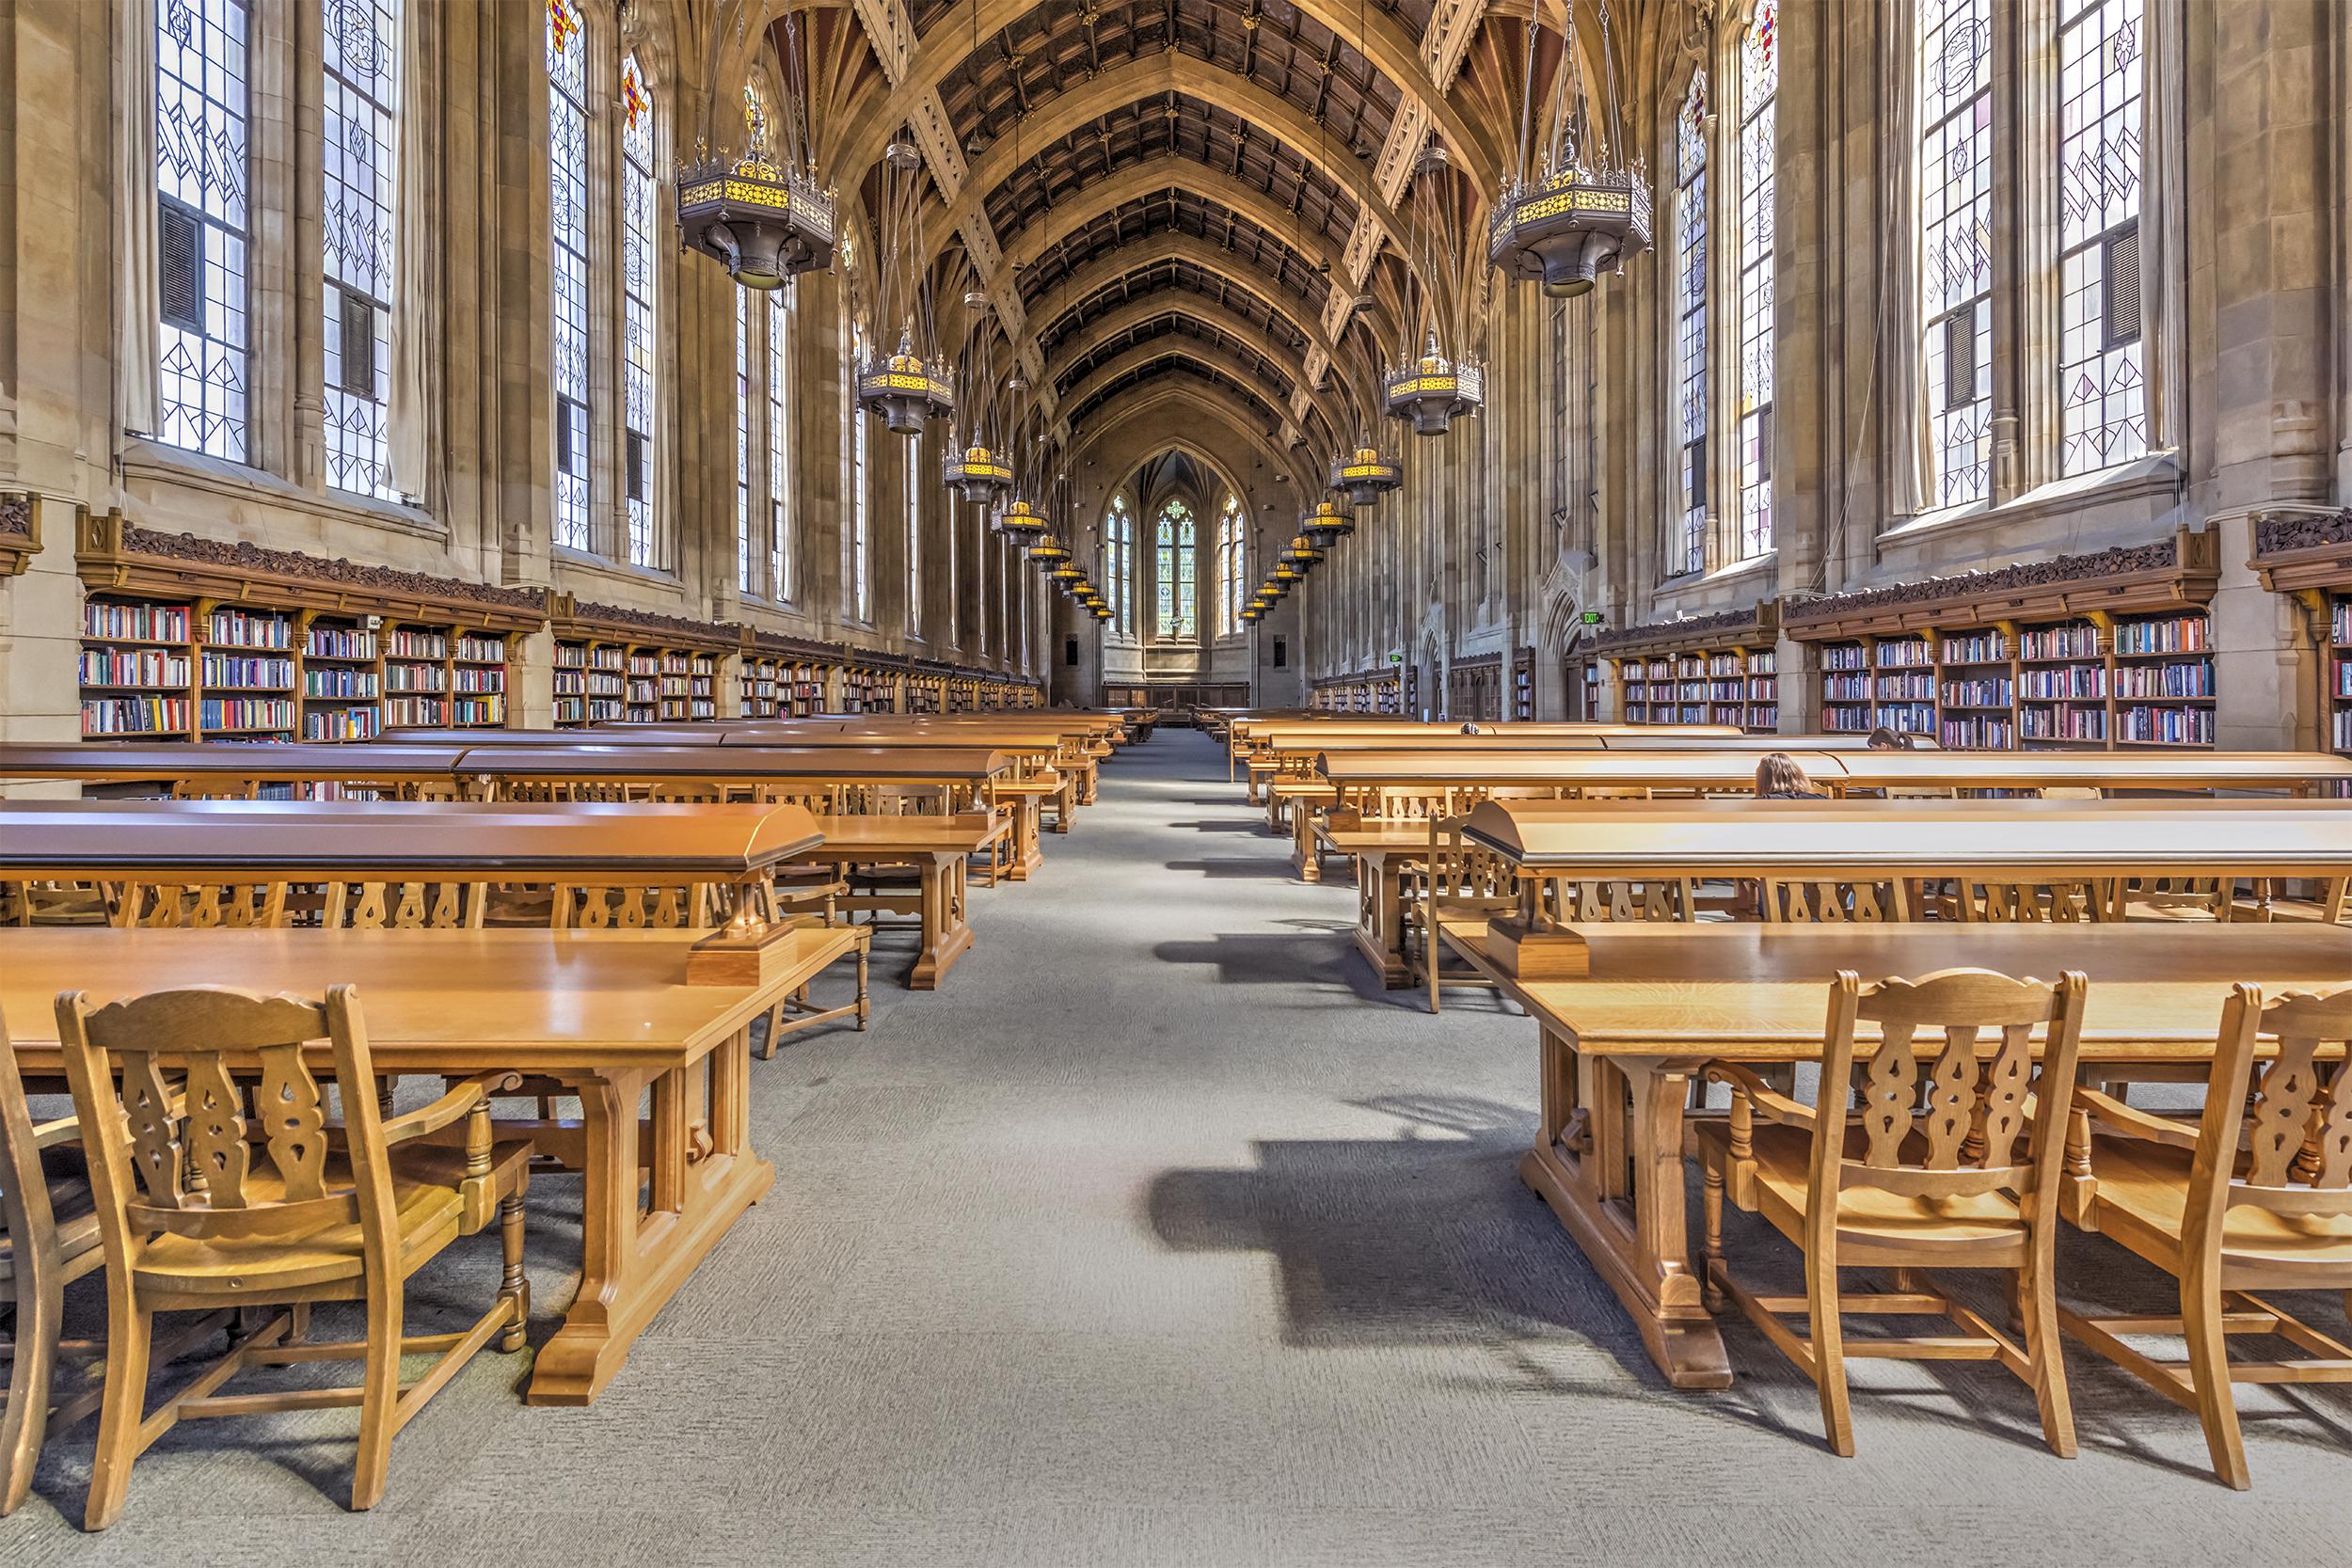 Suzalo Library University of Washington